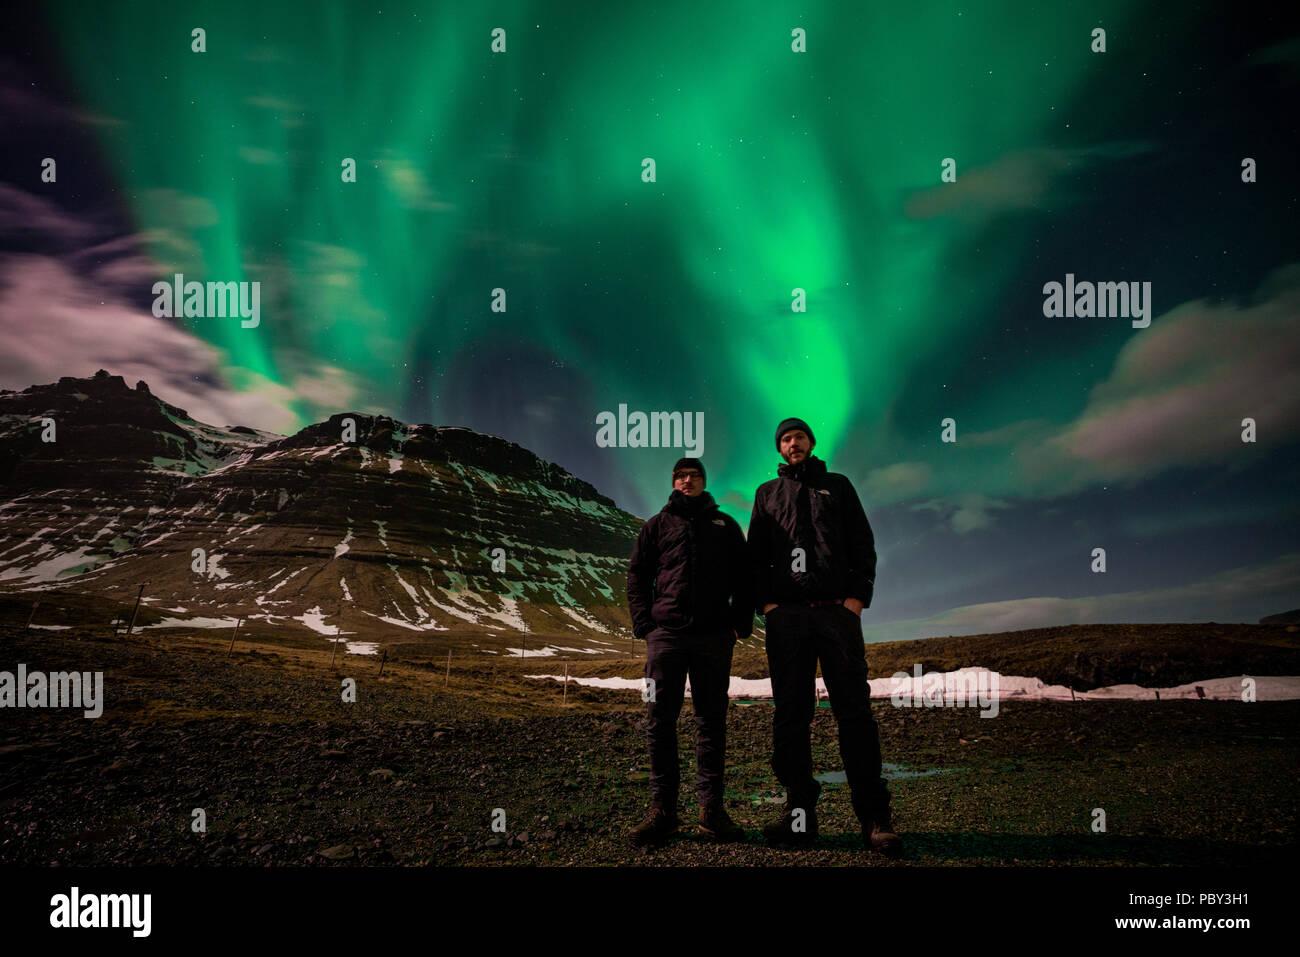 Kirkjufell, Island Mai 2018: Zwei junge Kerle traveing das Land als Touristen vor Nordlicht, Aurora borealis über Mount Kirkjufell in Island erscheinen. Stockbild